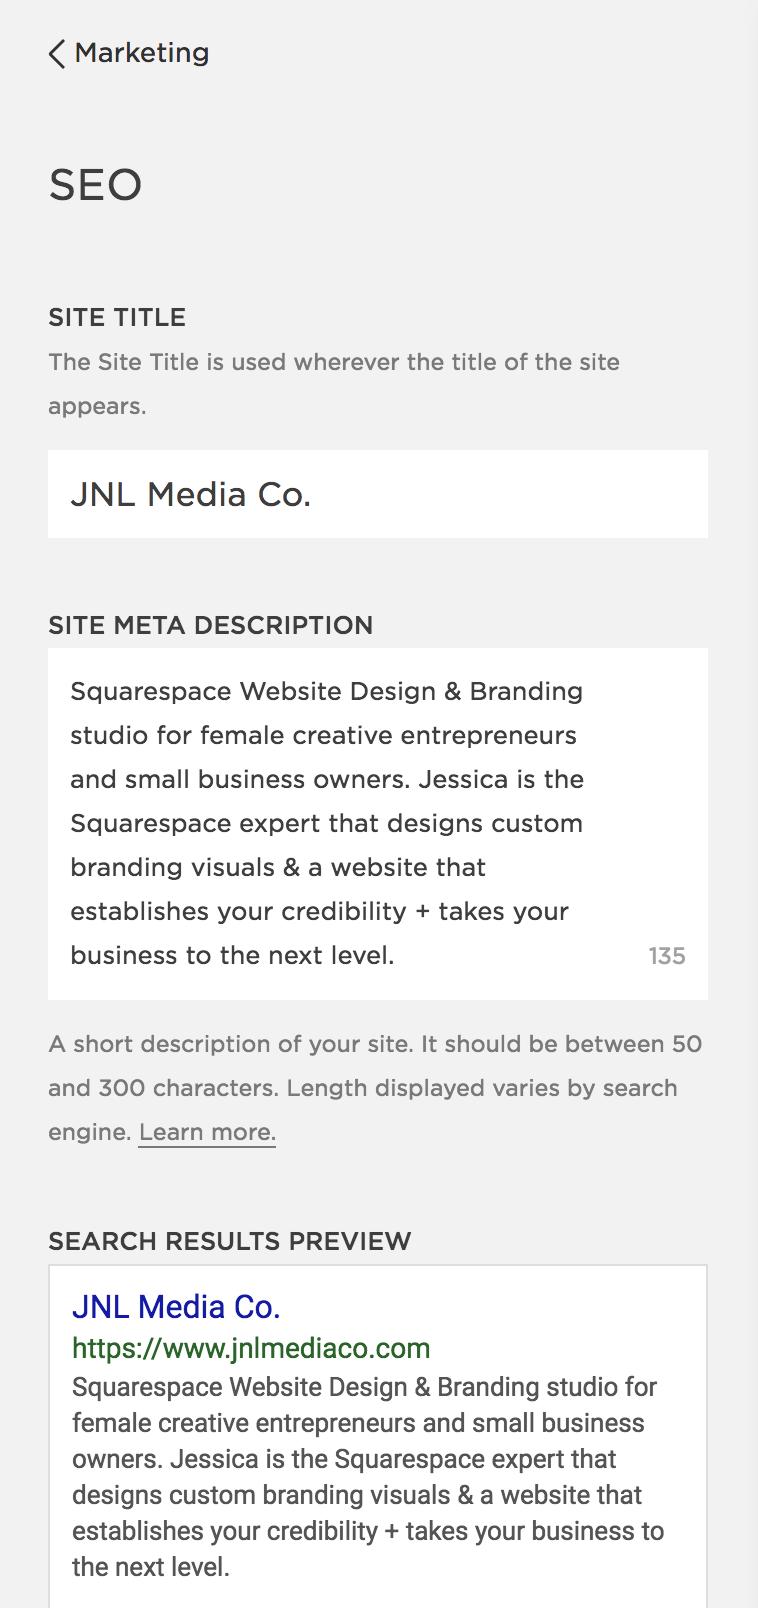 SEO Description on Squarespace